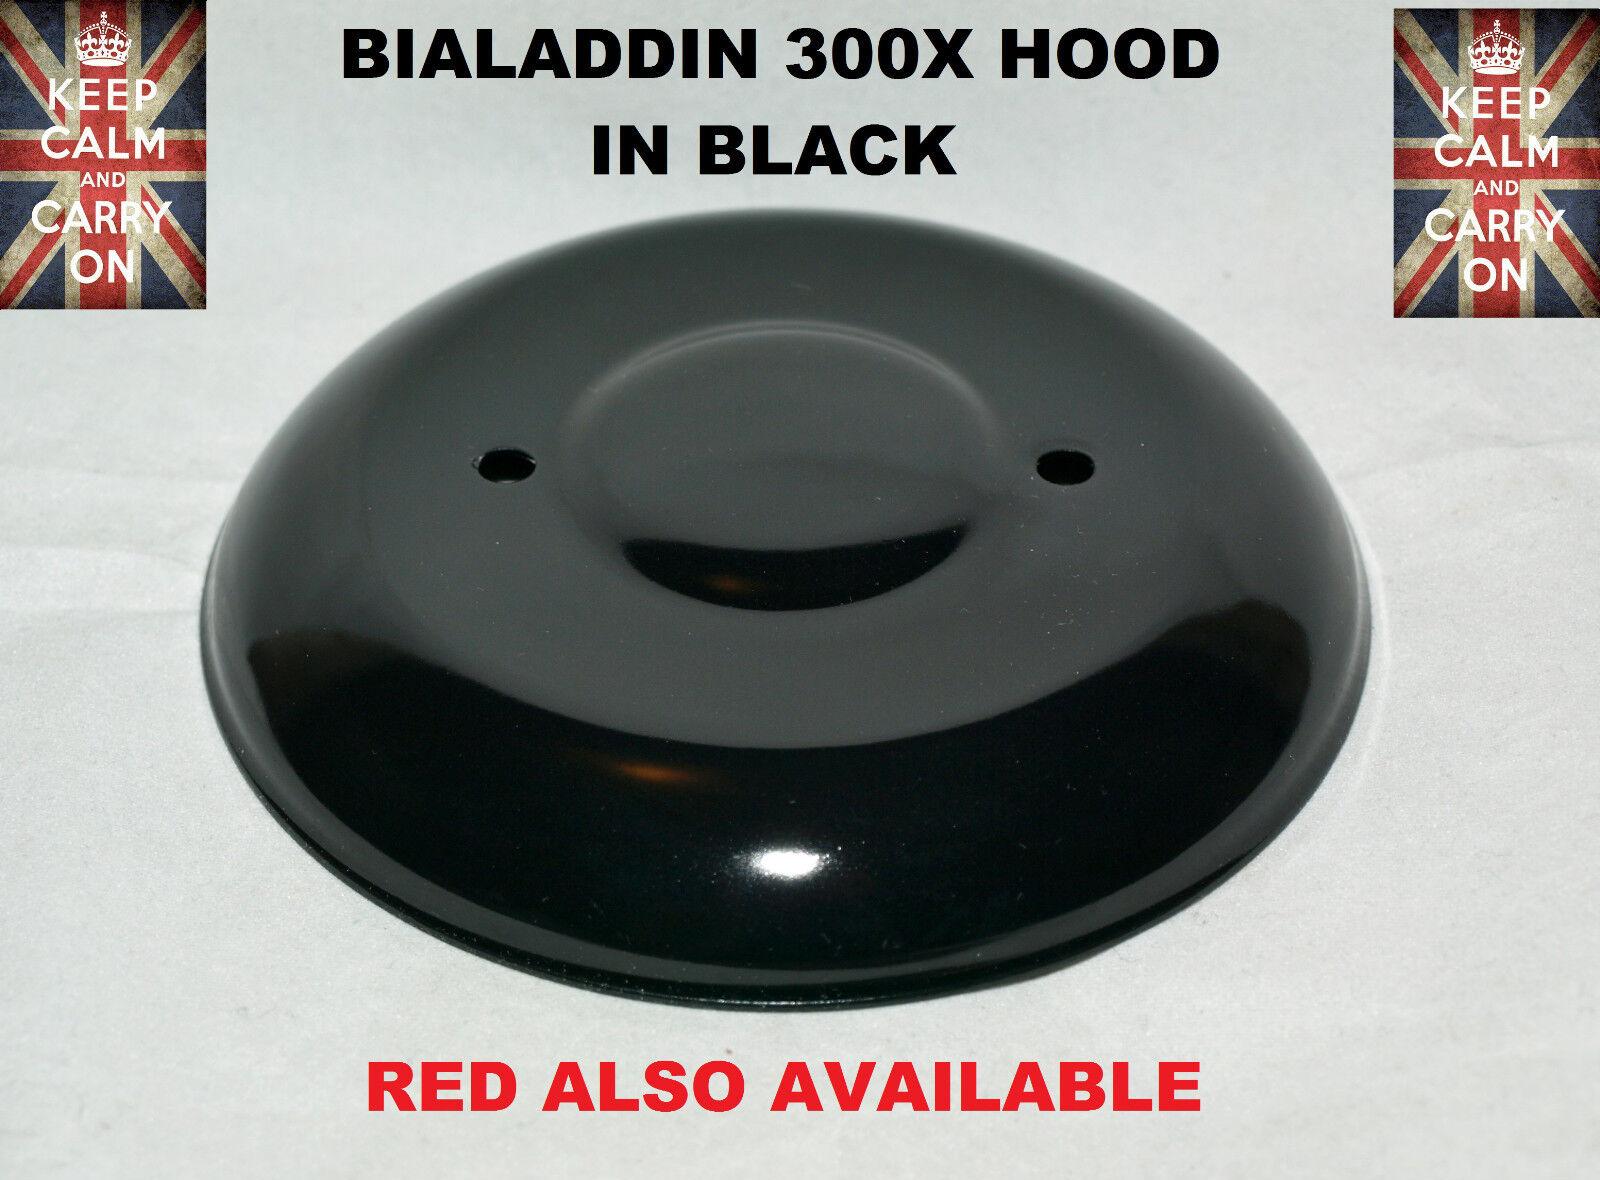 BIALADDIN 300X BRASS HOOD VAPALUX HOOD SERVICE PART